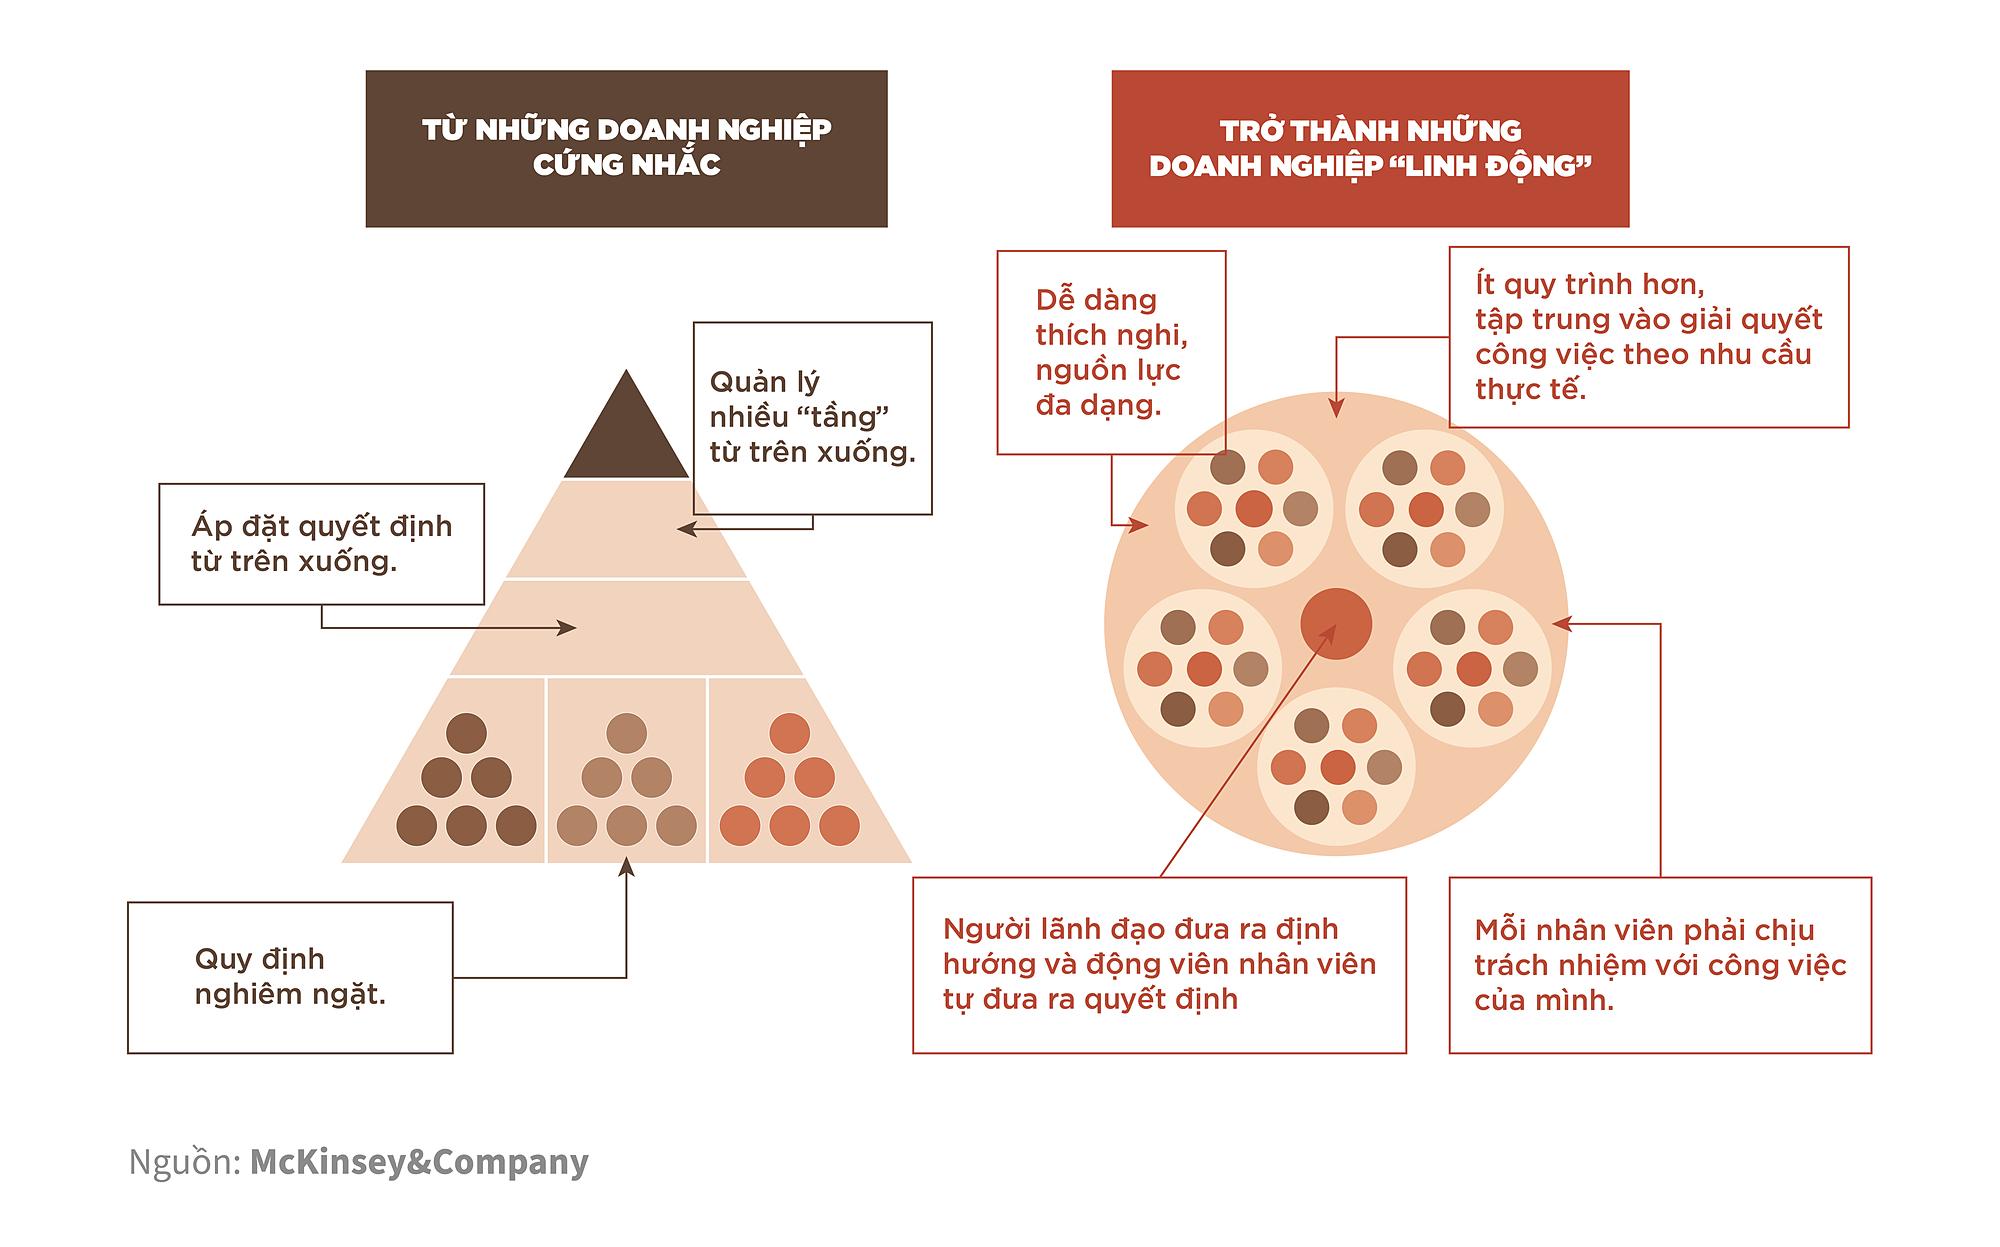 Phân biệt mô hình quản trị hình tròn với mô hình tam giác truyền thống. Nguồn: McKinsey&Company